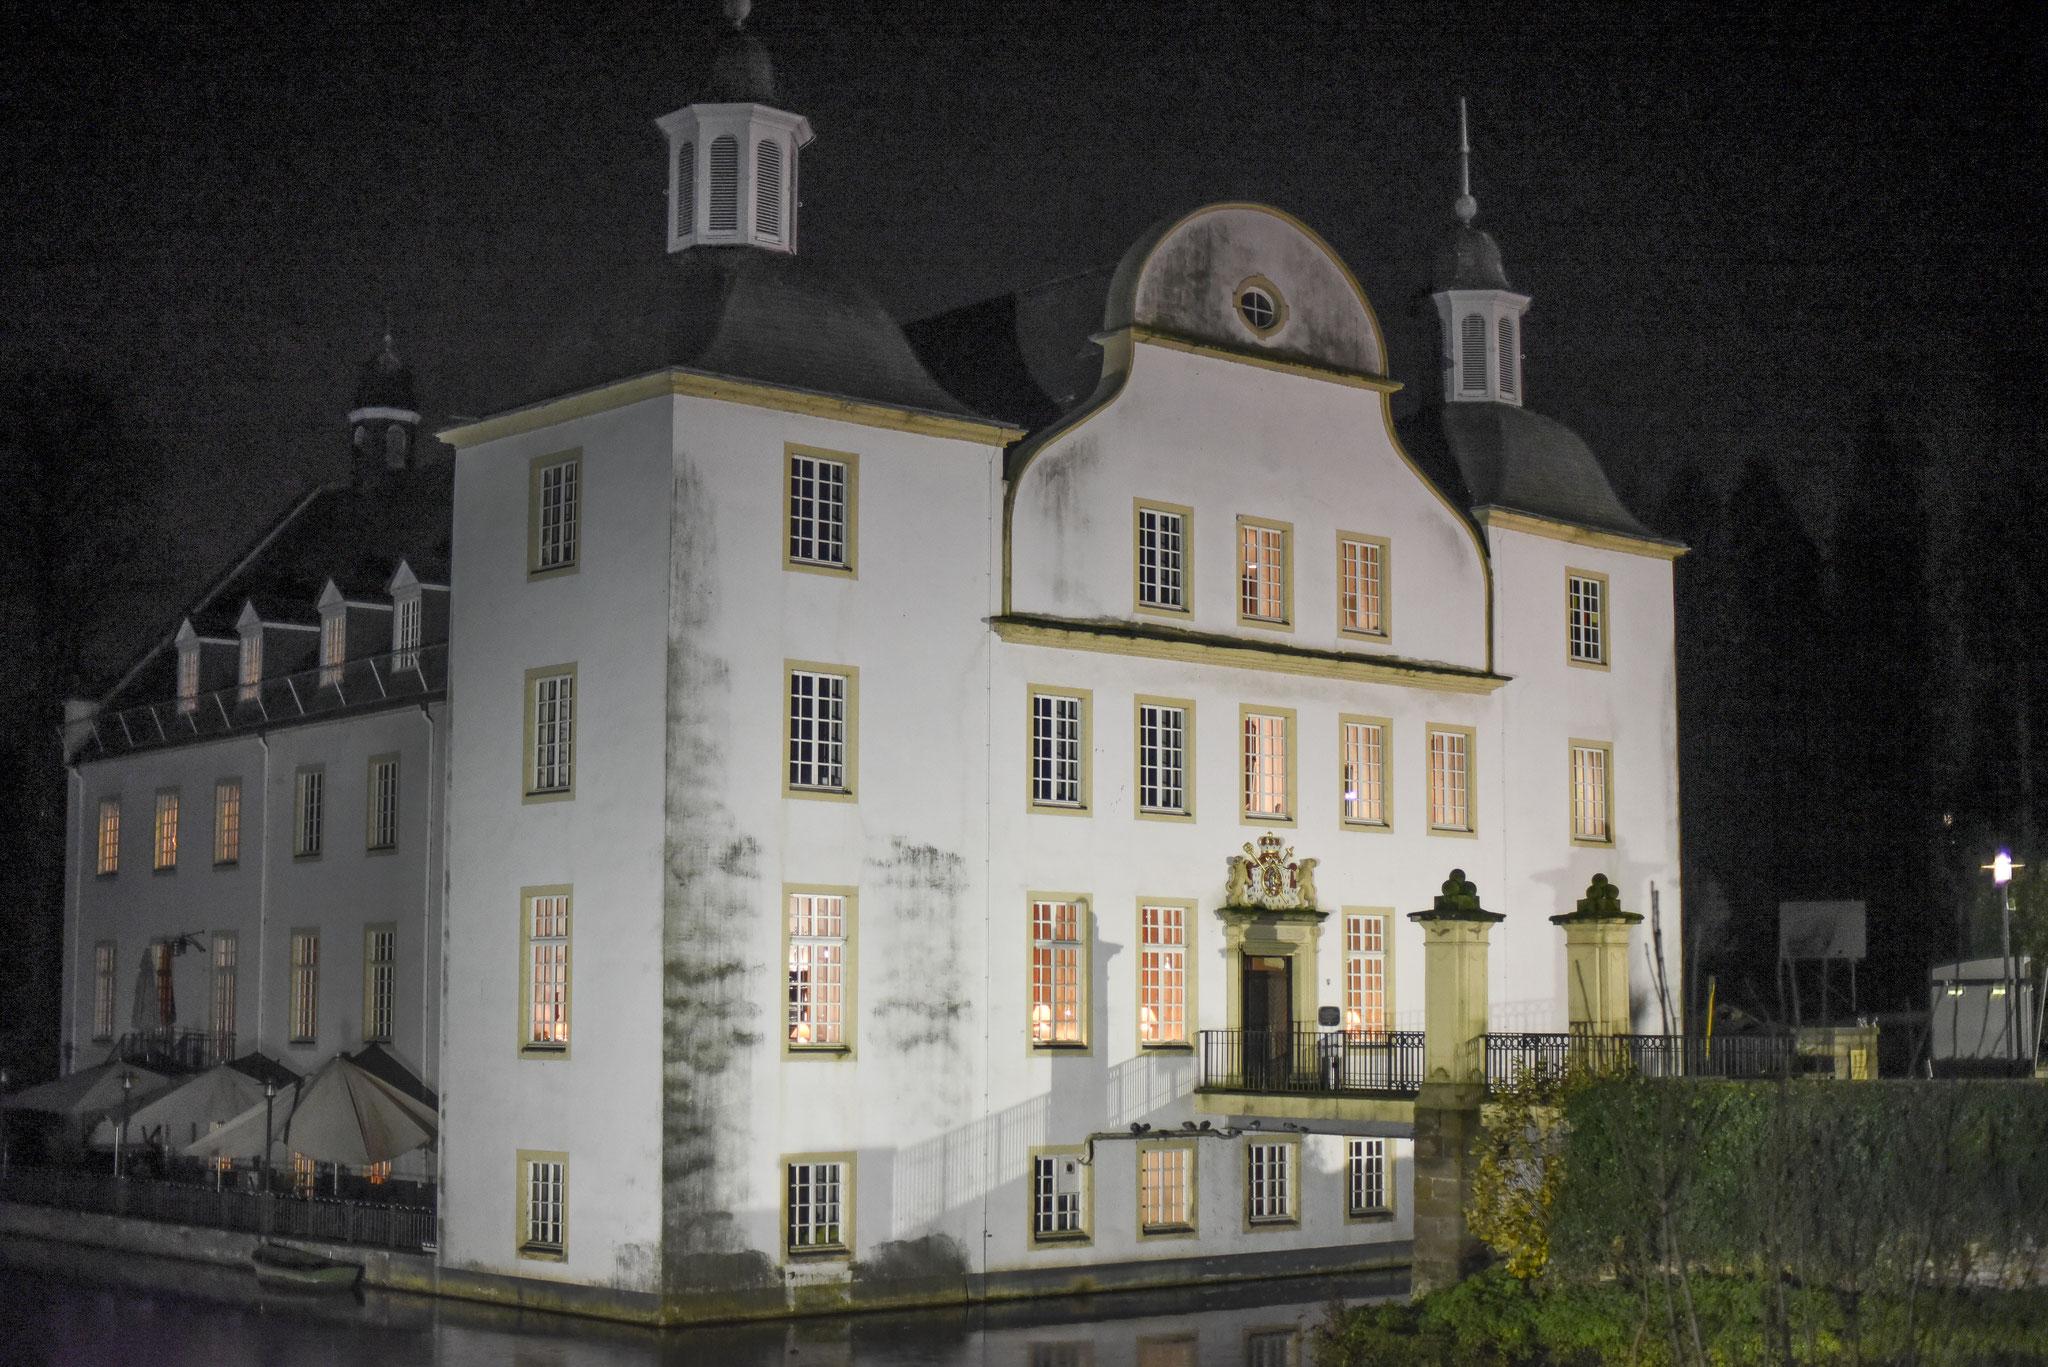 Krimidinner Schloss Borbeck